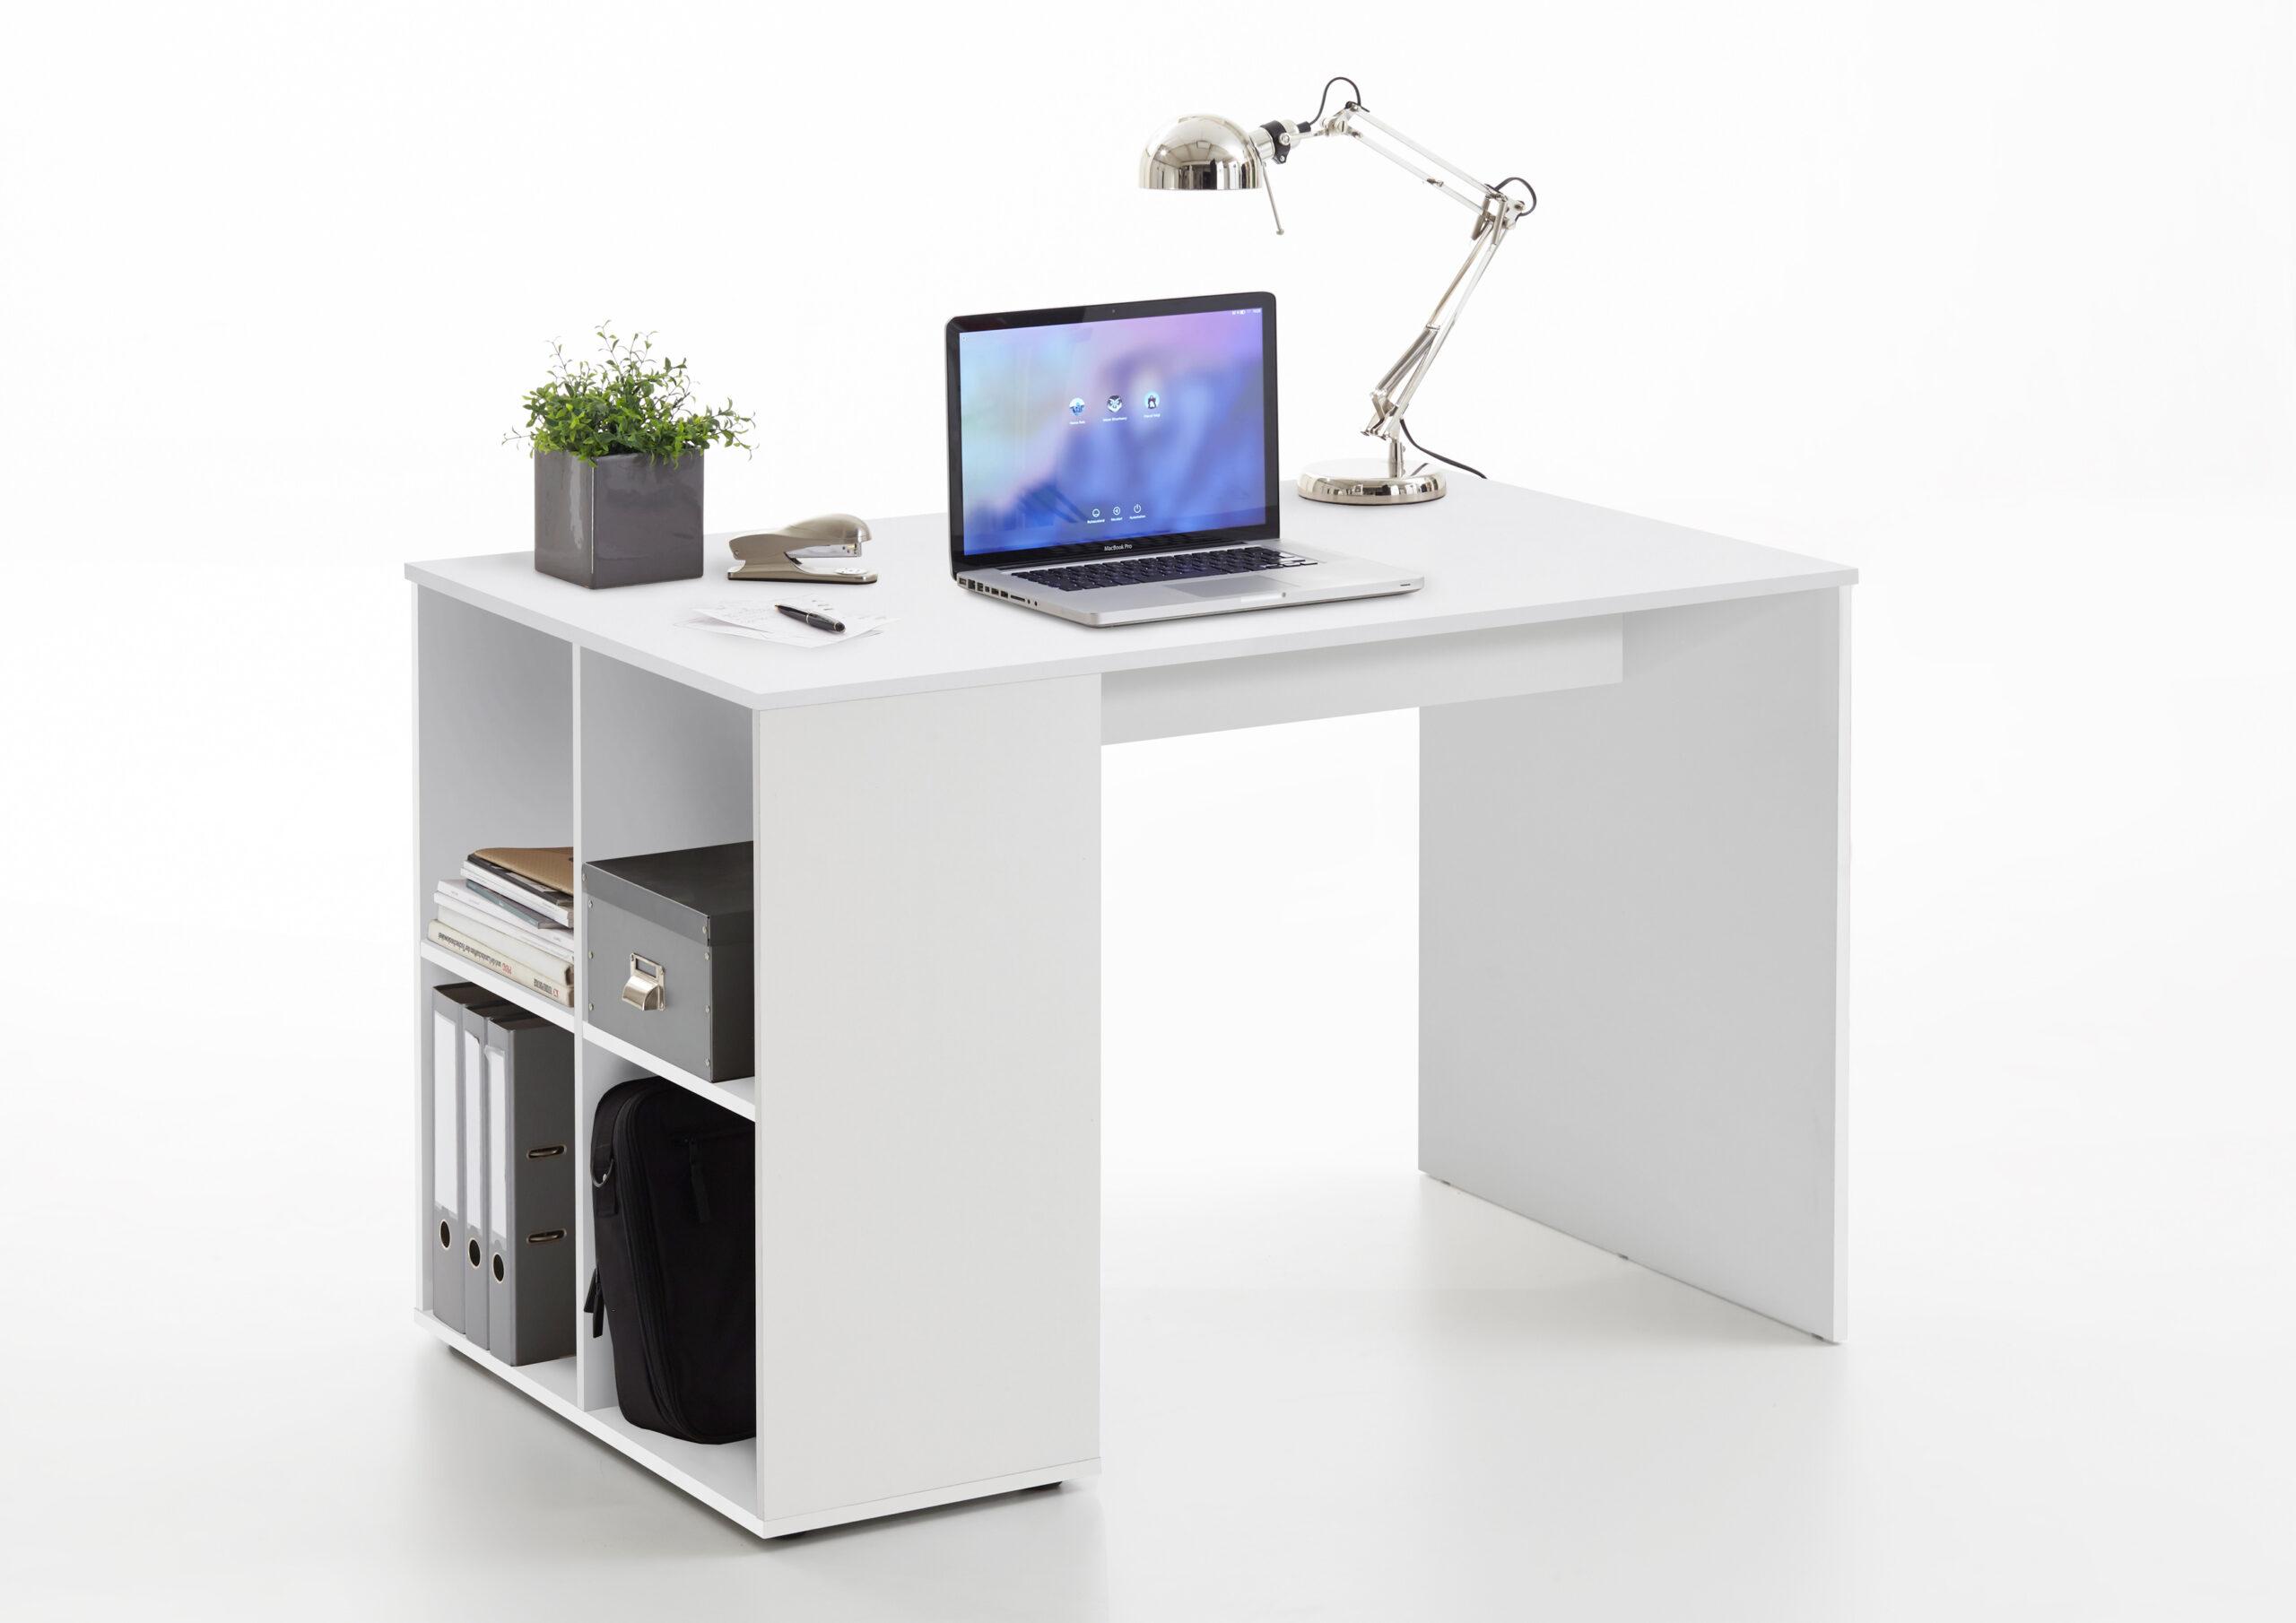 Full Size of Schreibtisch Regal Integriert Ikea Kombi Kombination Regalsystem Mit Regalaufsatz Selber Bauen Expedit String Regalwand Weiß Holz Regale Für Dachschrägen Regal Schreibtisch Regal